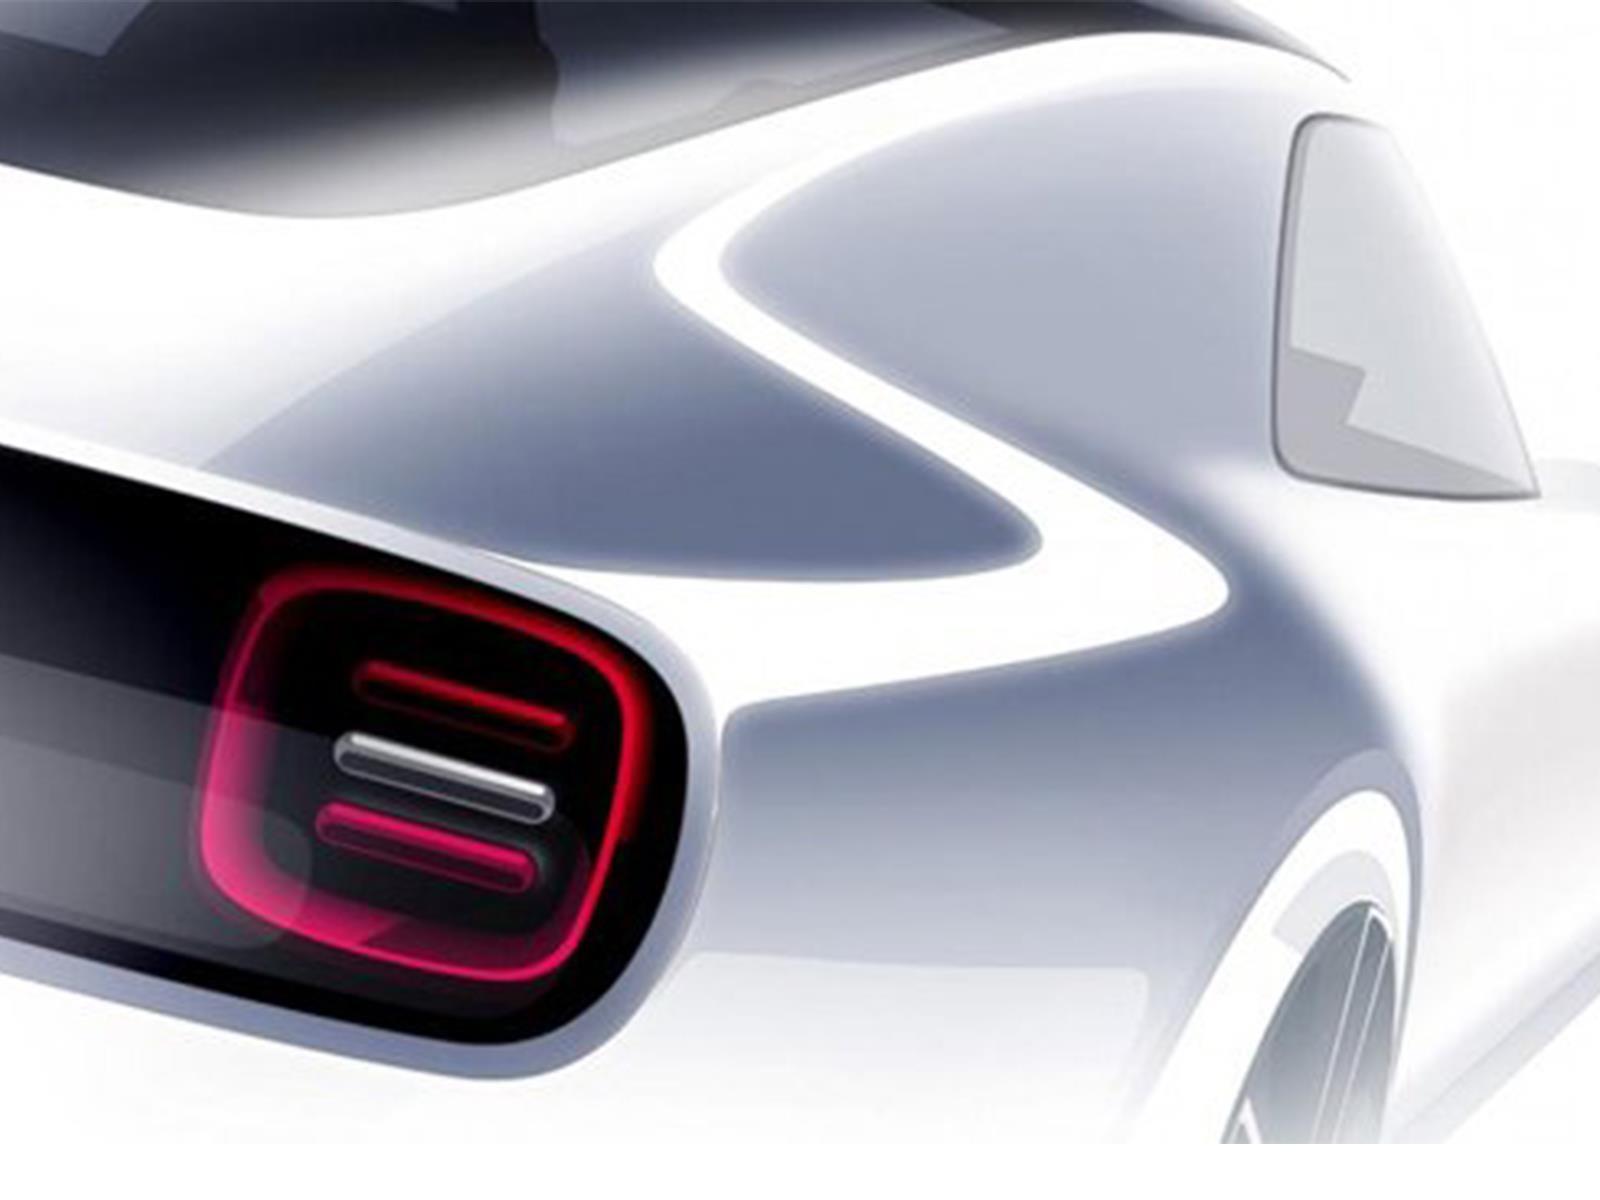 Honda Sports EV Concept anticipa el nuevo estilo de diseño